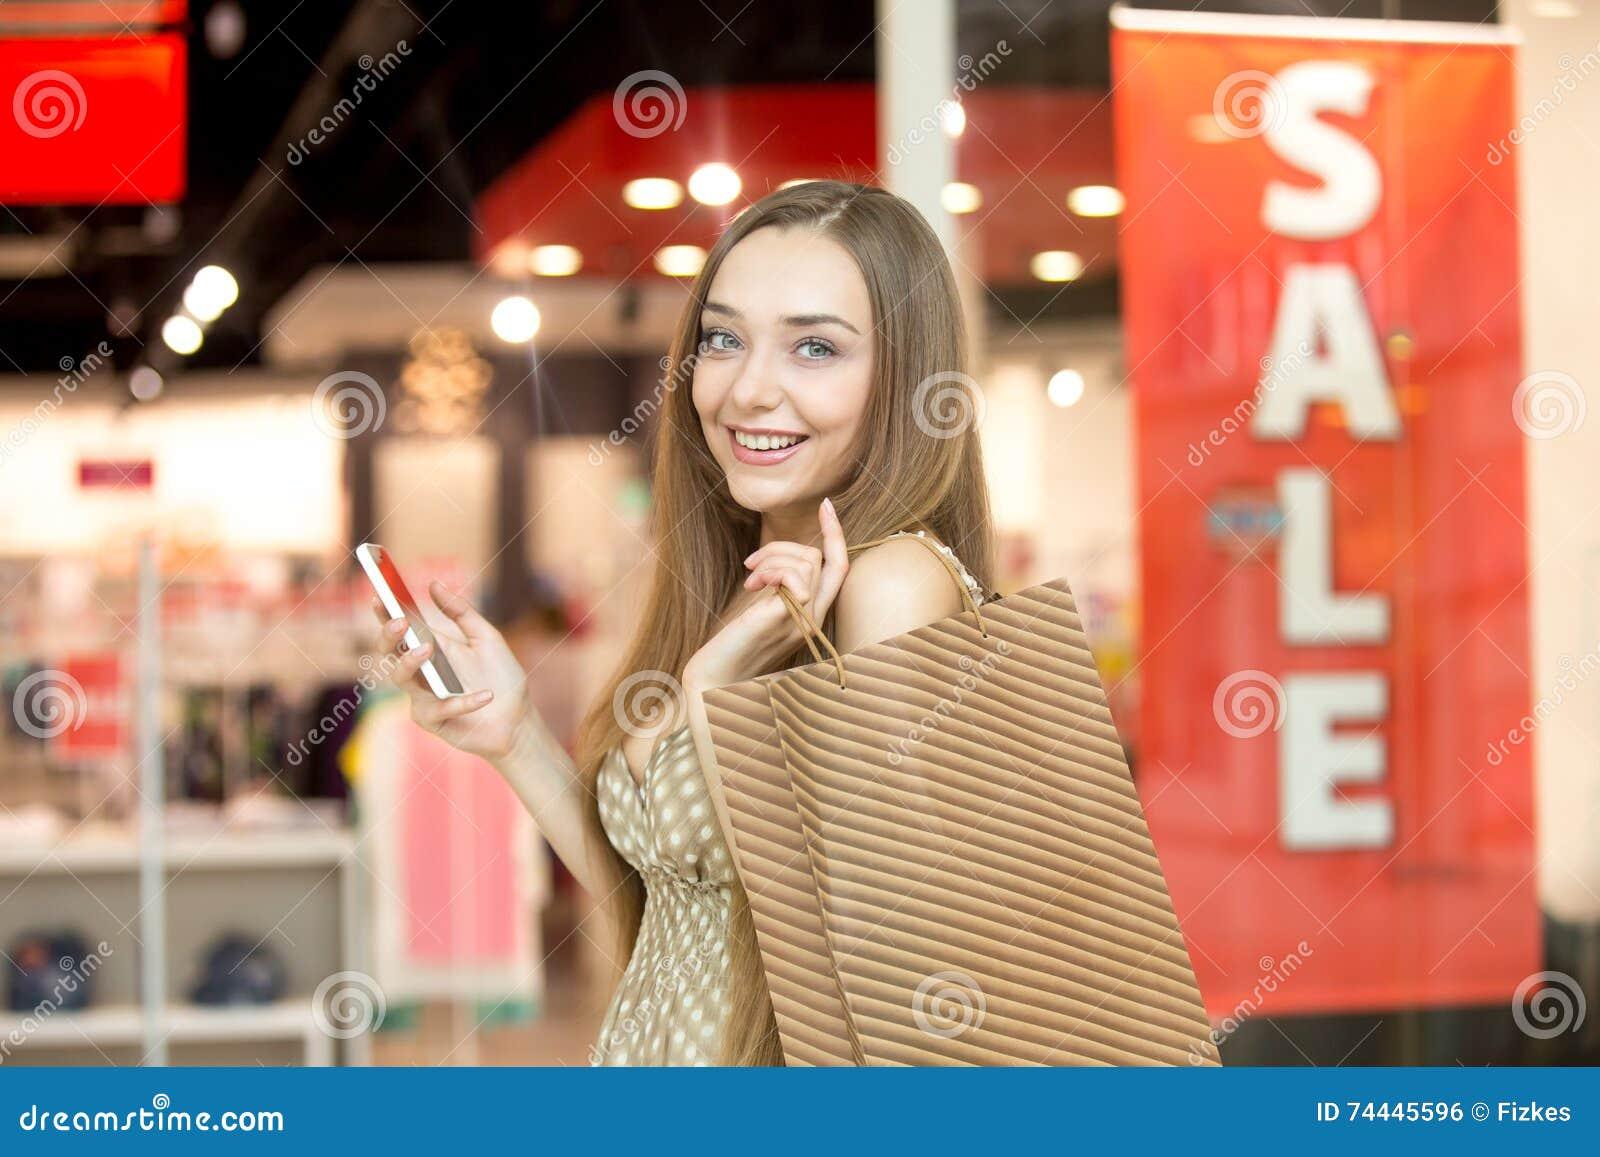 Mujer joven en un centro comercial que celebra una sonrisa del teléfono